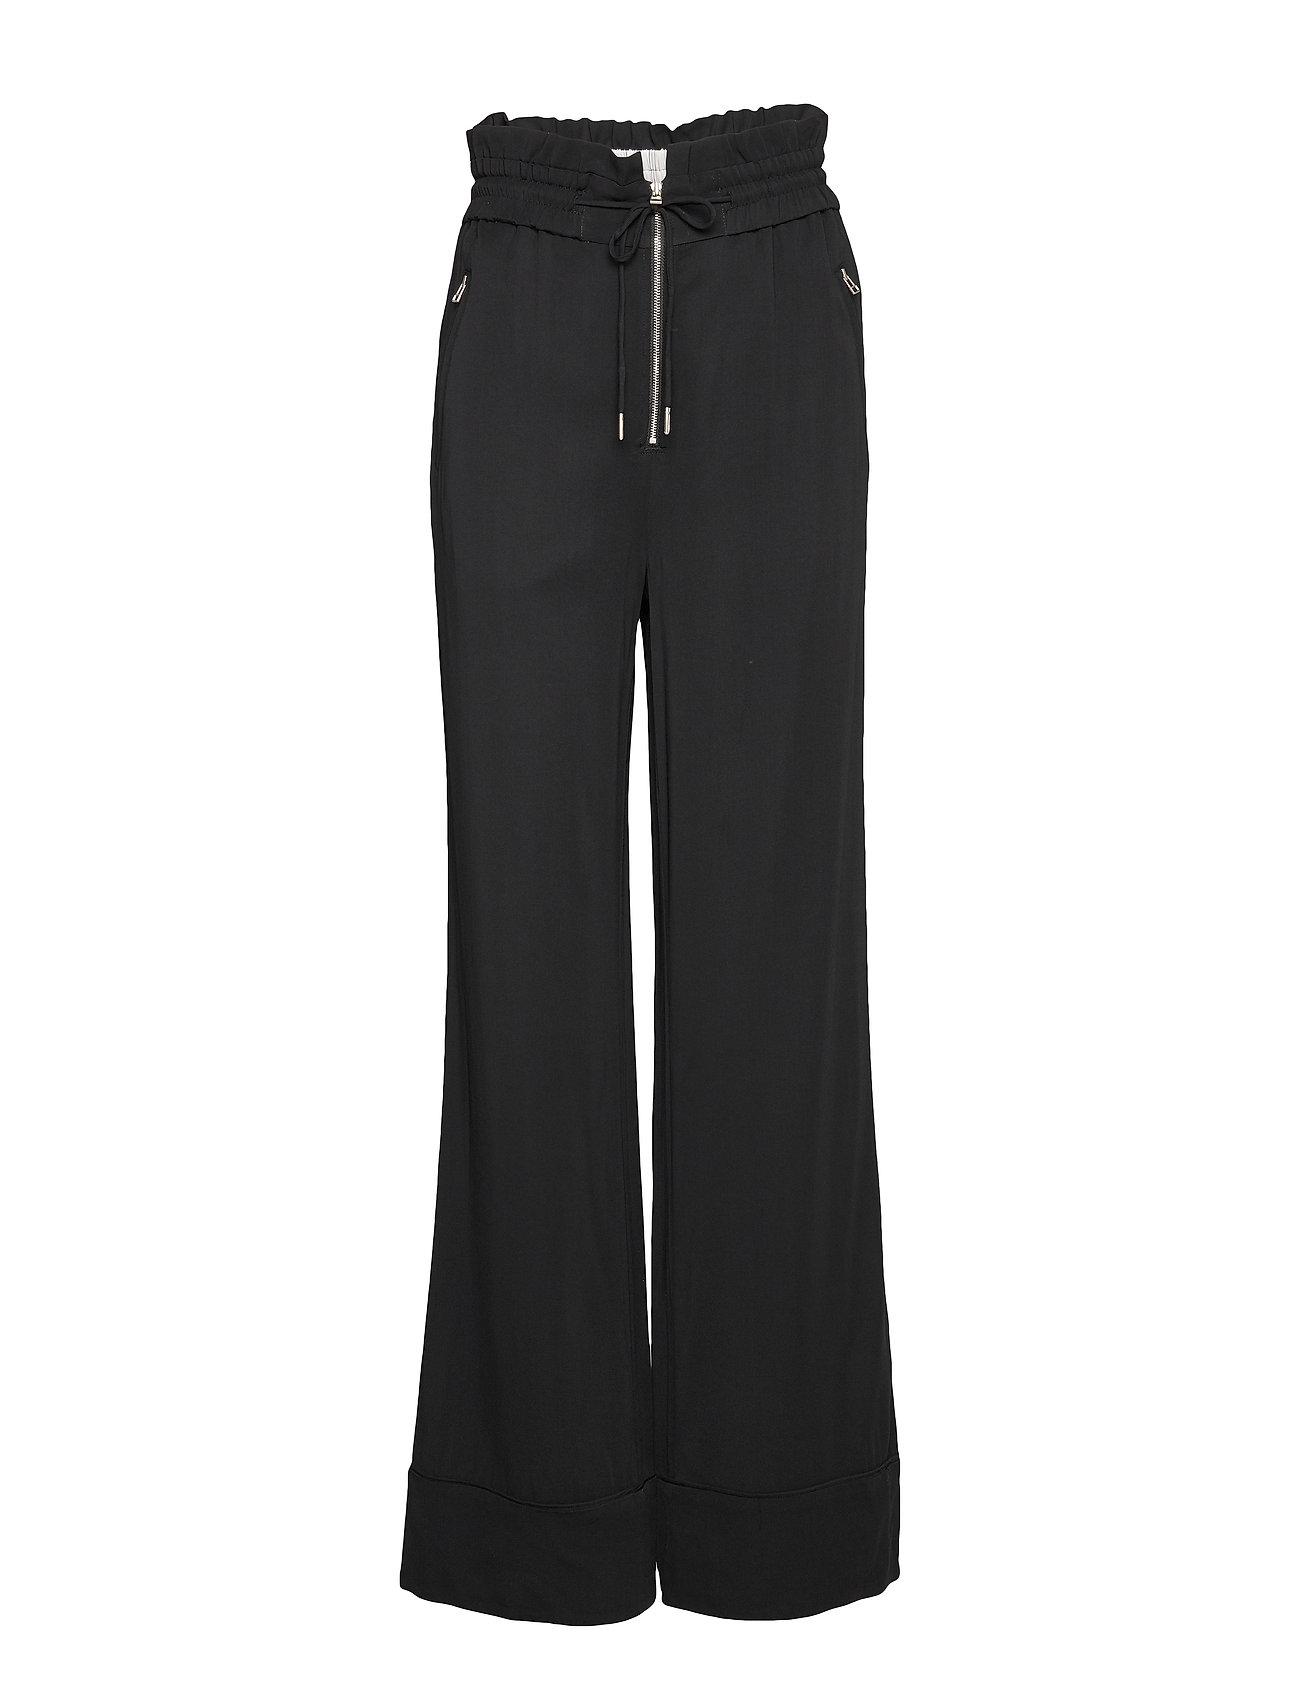 Noa Noa Trousers - BLACK